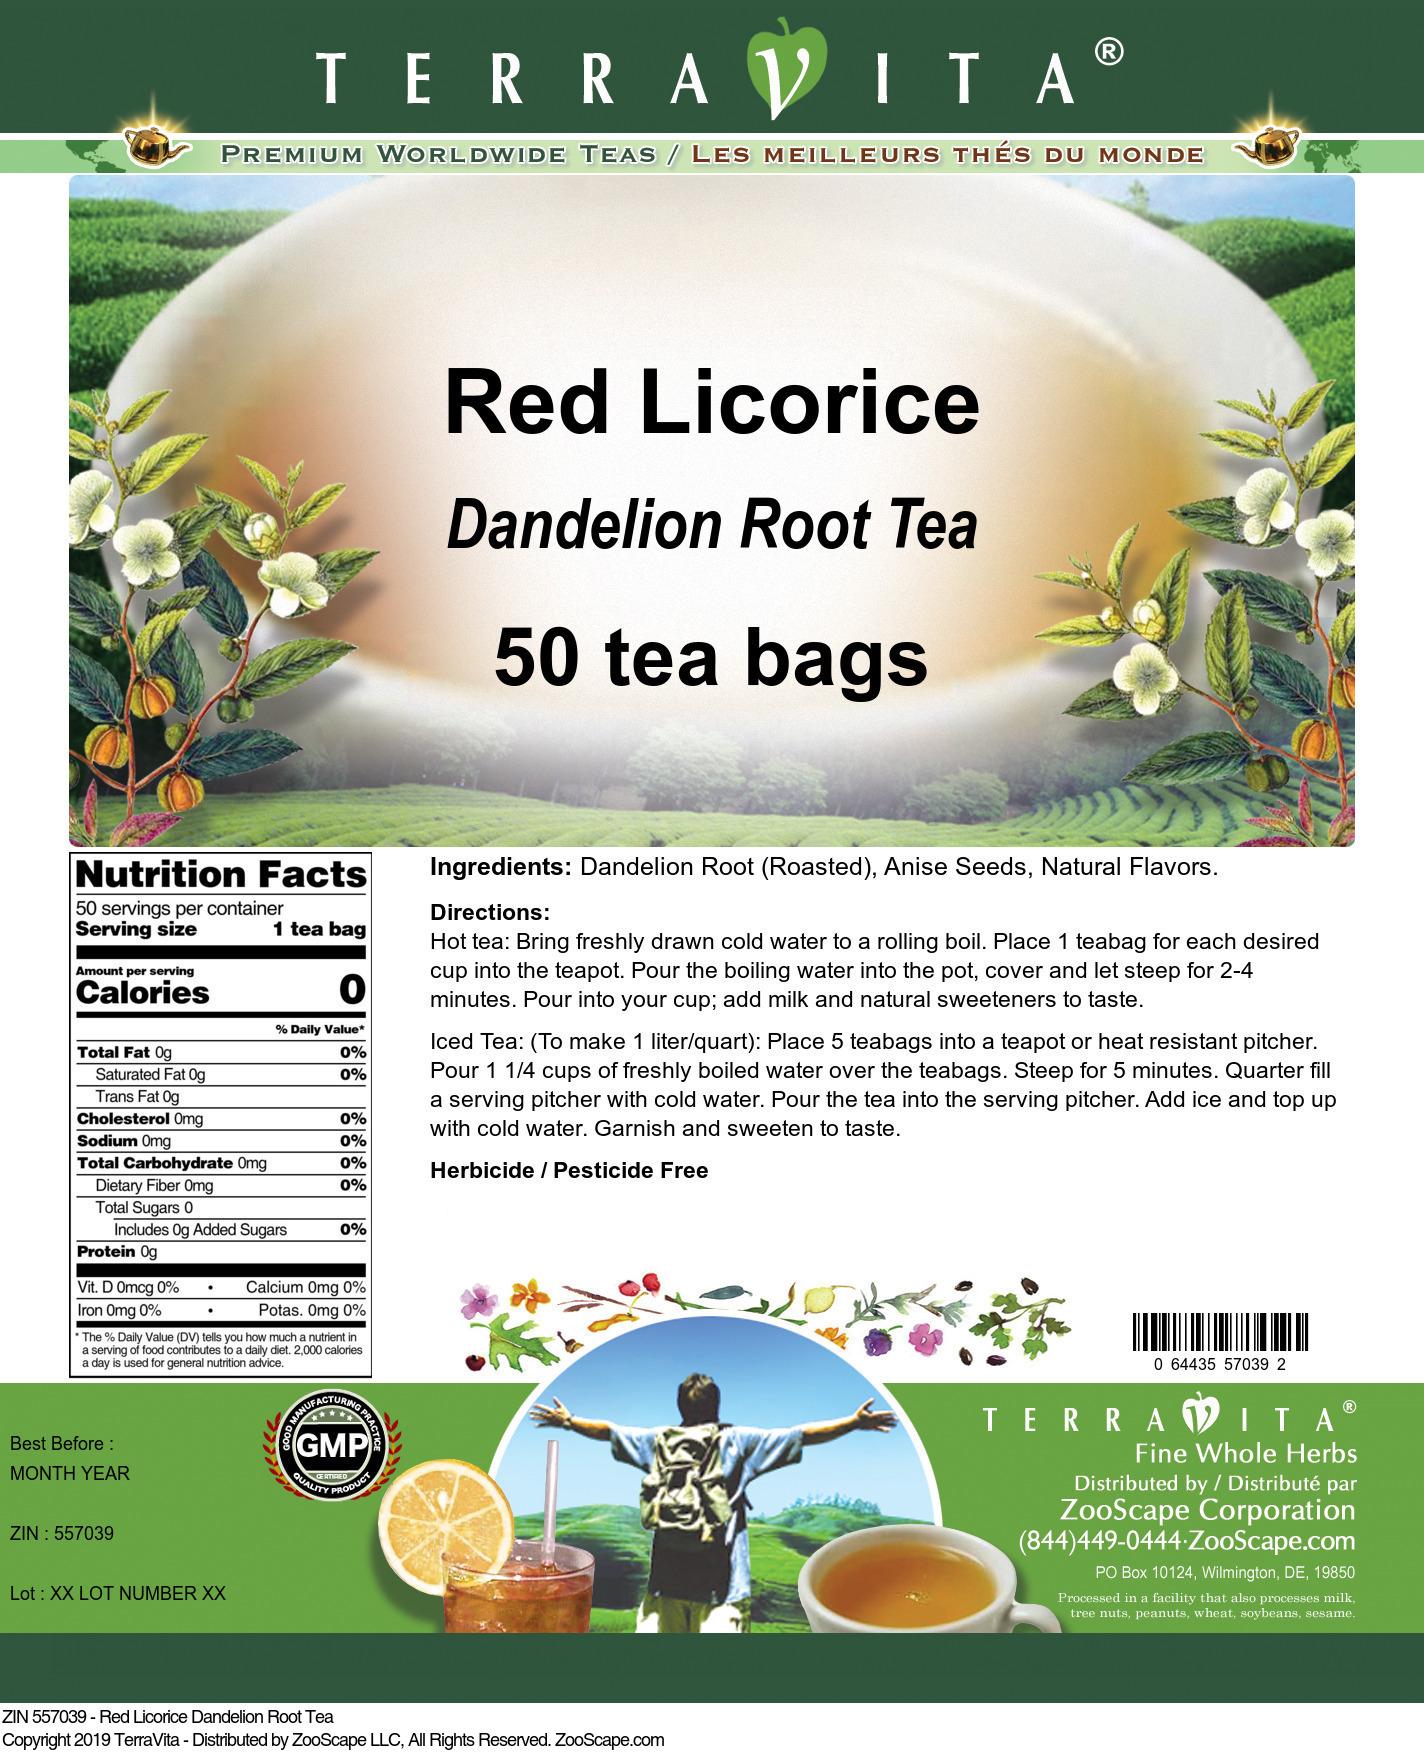 Red Licorice Dandelion Root Tea